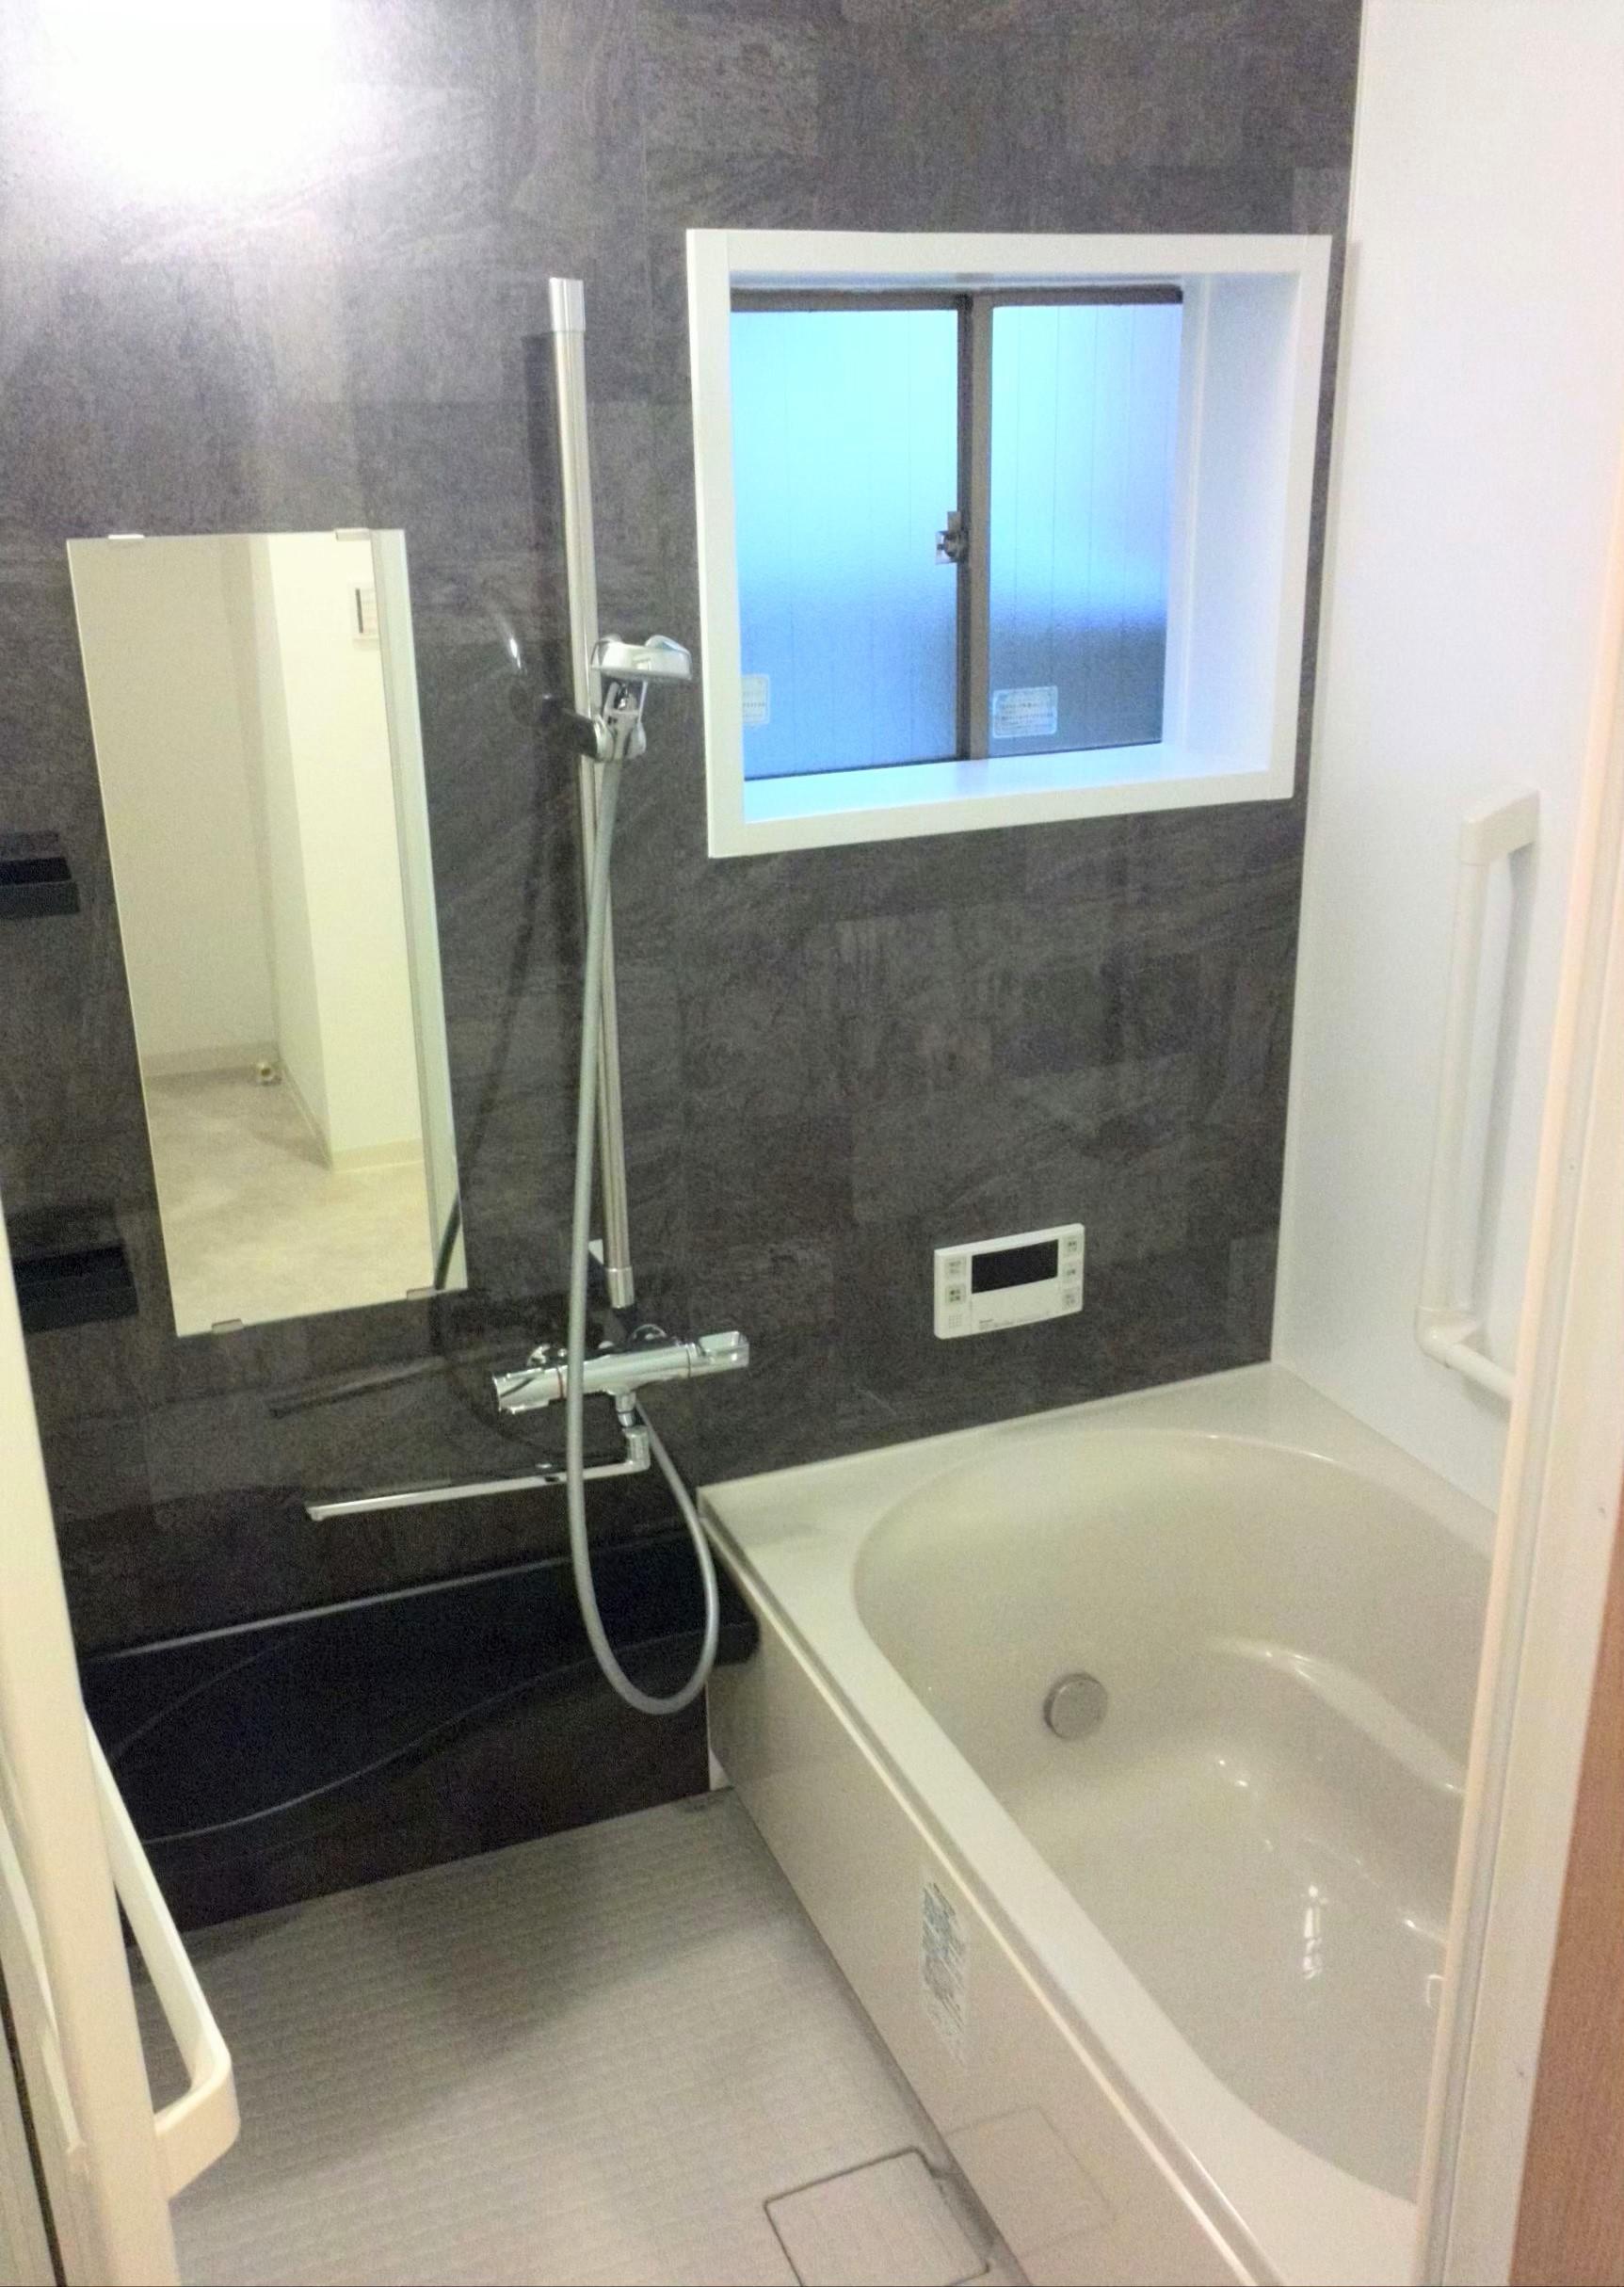 S様邸 浴室入れ替え工事